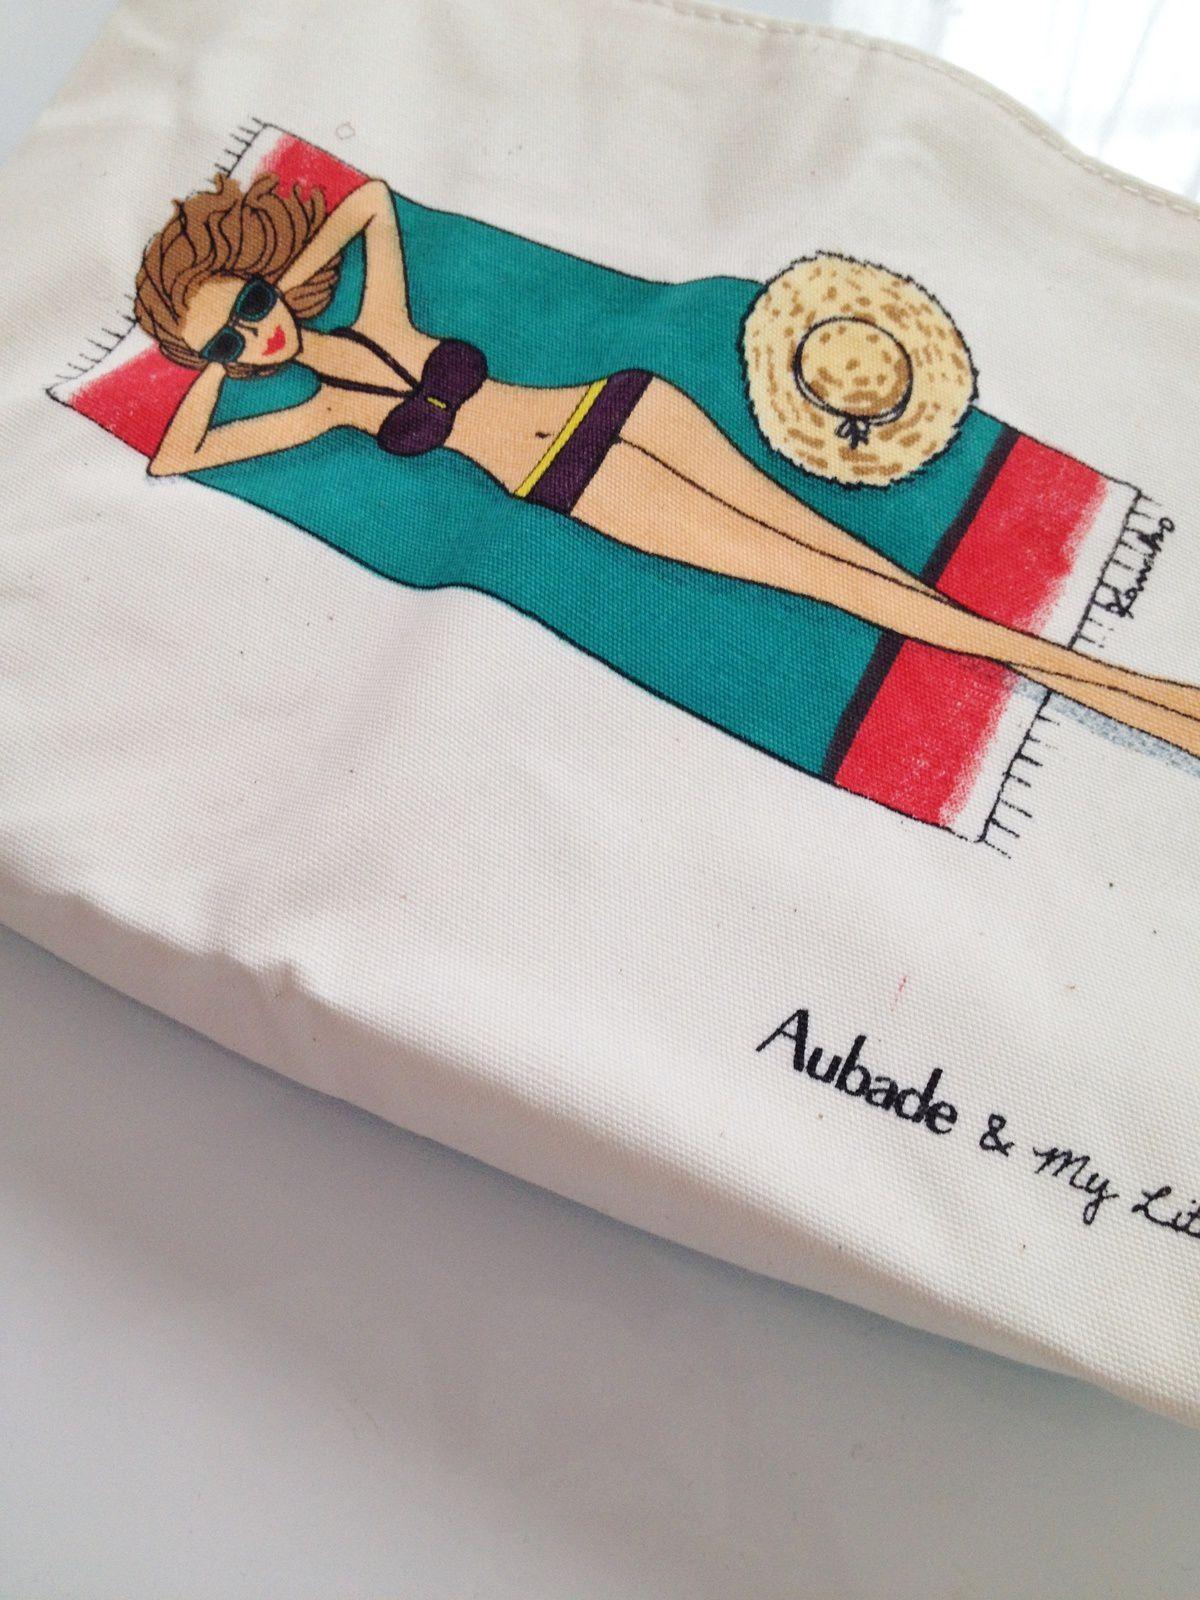 Pour les goodies, une très jolie pochette en partenariat avec Aubade. Elle va m'accompagner pour mon prochain voyage le mois prochain.